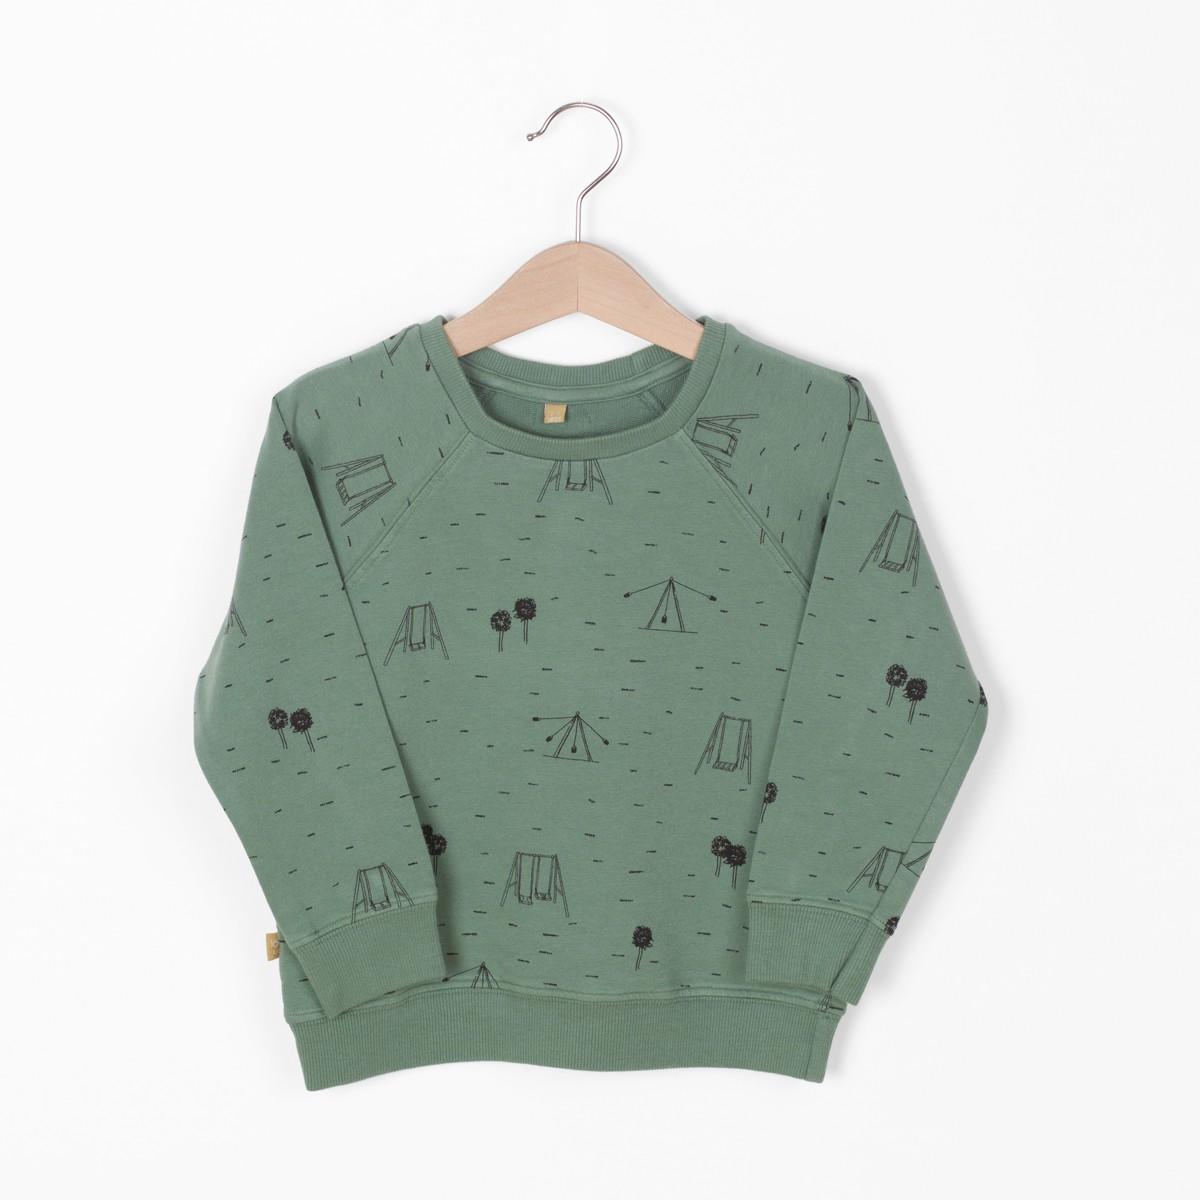 Swings Park sweater